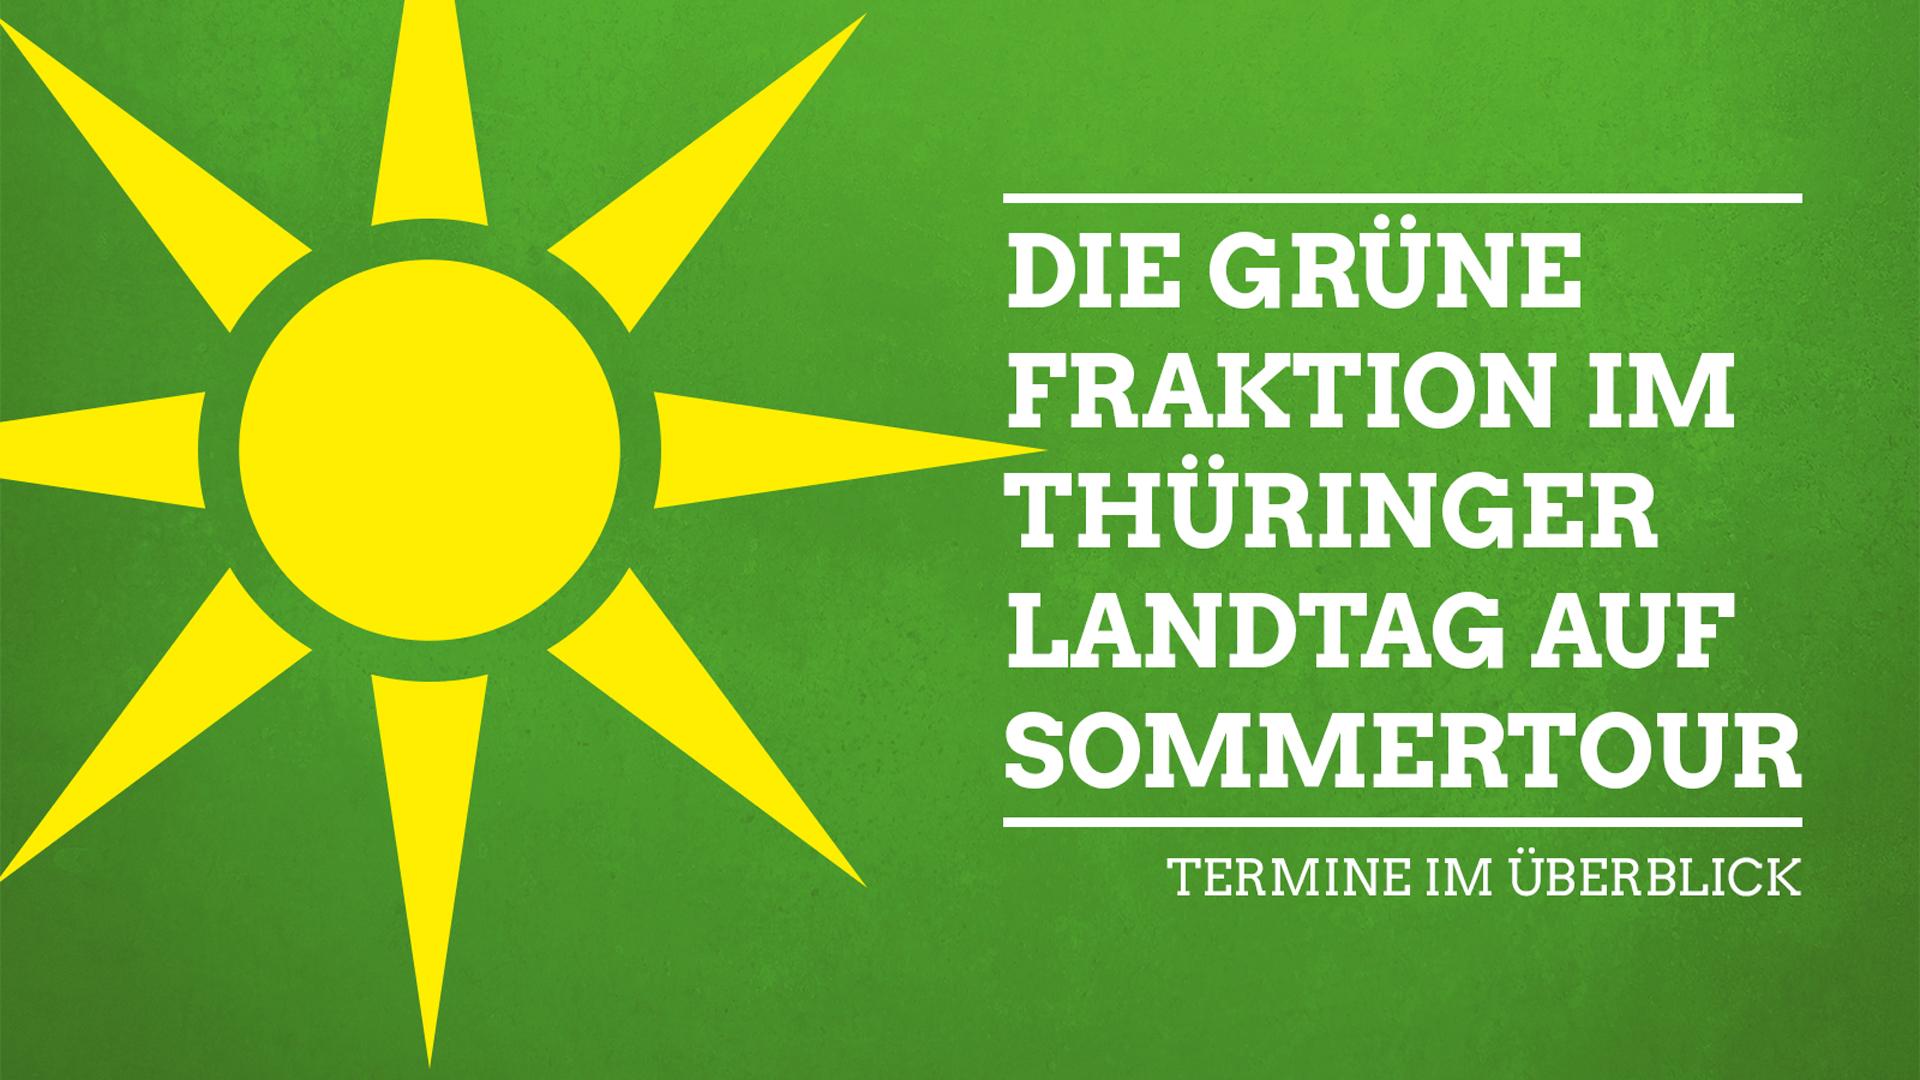 Auf Sommertour in Thüringen: Die grüne Landtagsfraktion